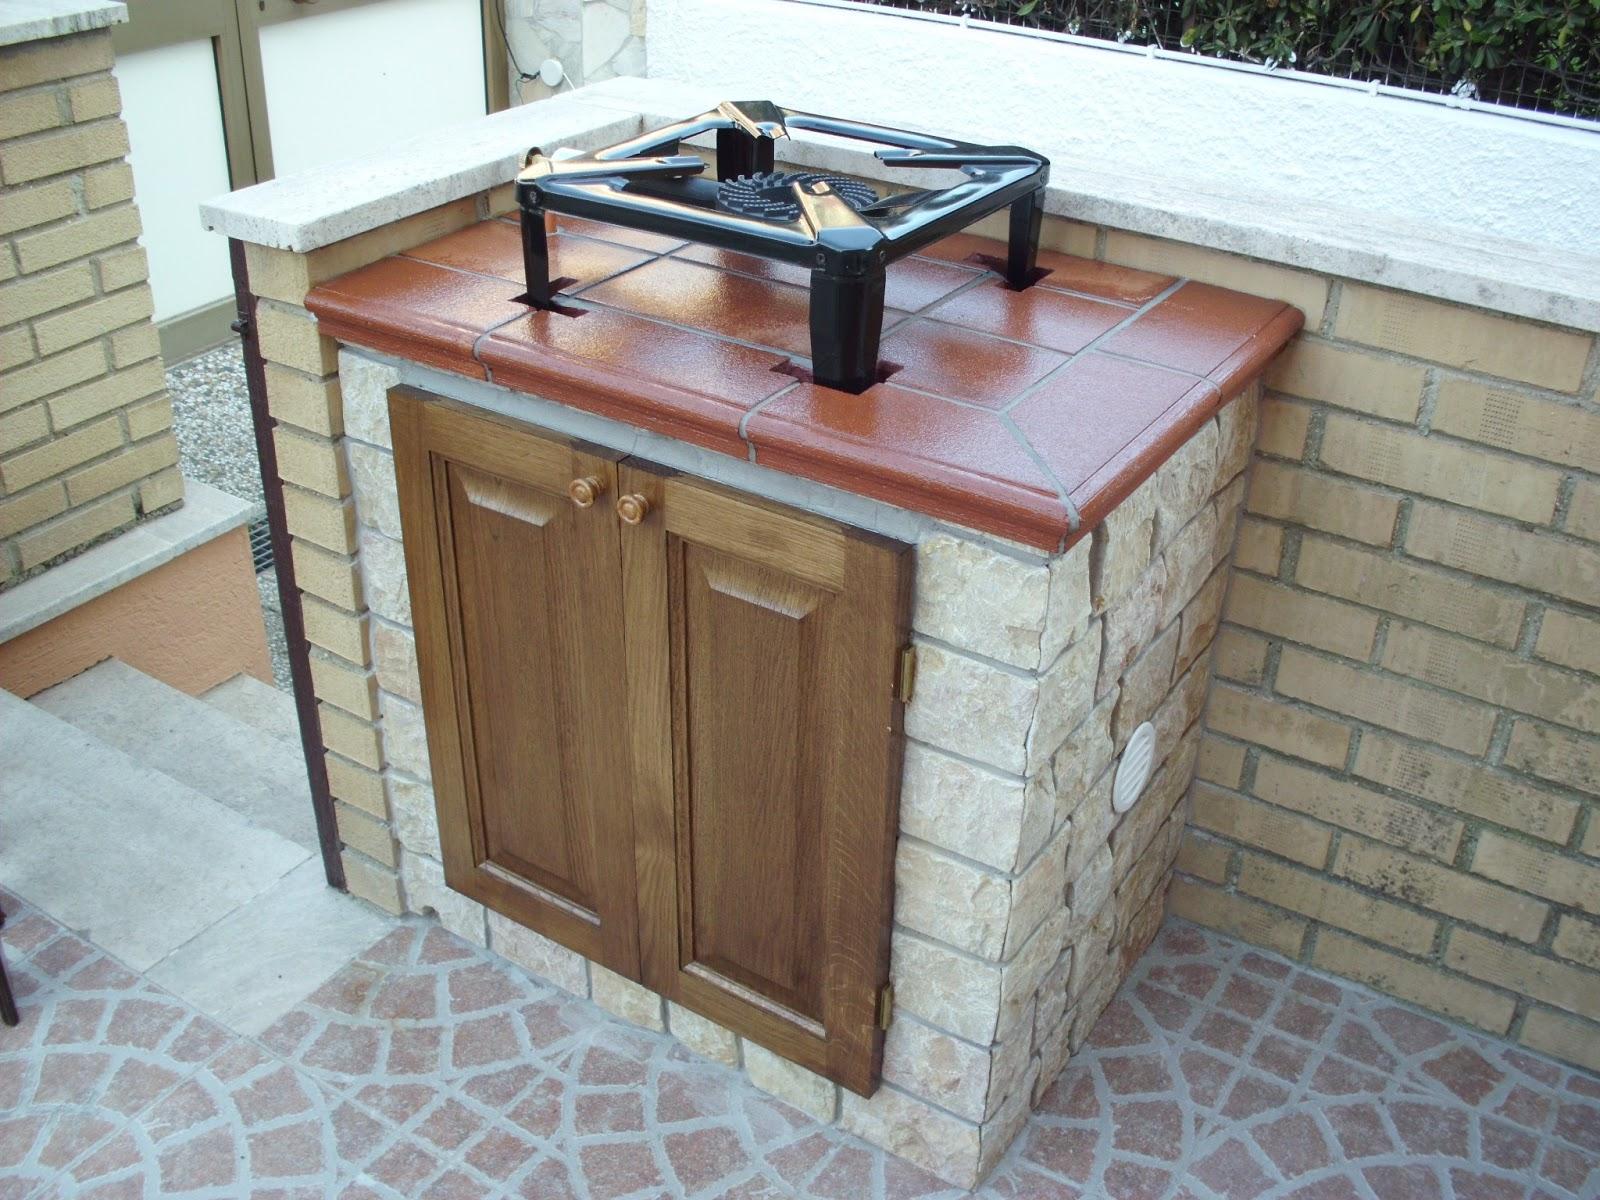 Divano In Muratura Per Esterno giardino e terrazzo cucina da esterno cordoba 35112791